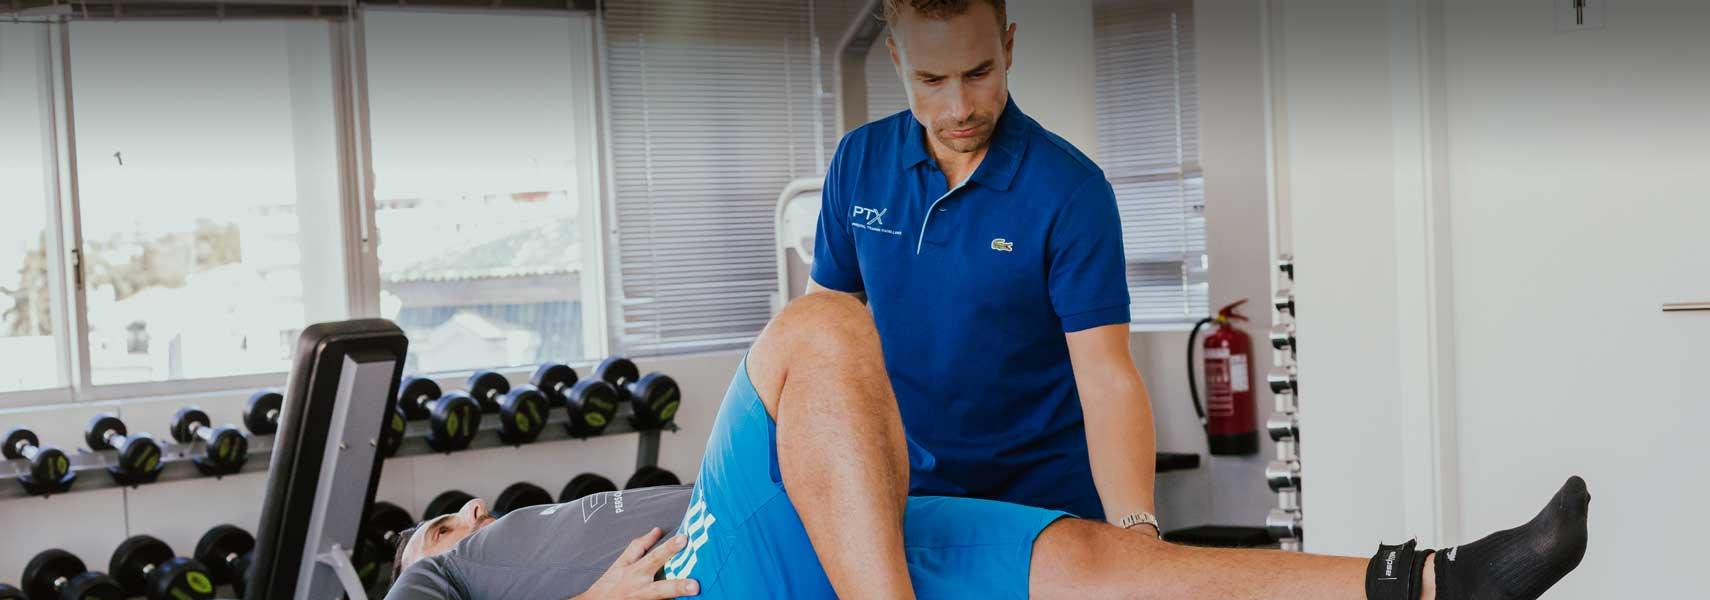 Um personal trainer é um profissional altamente qualificado que assegura resultados de umaforma segura.